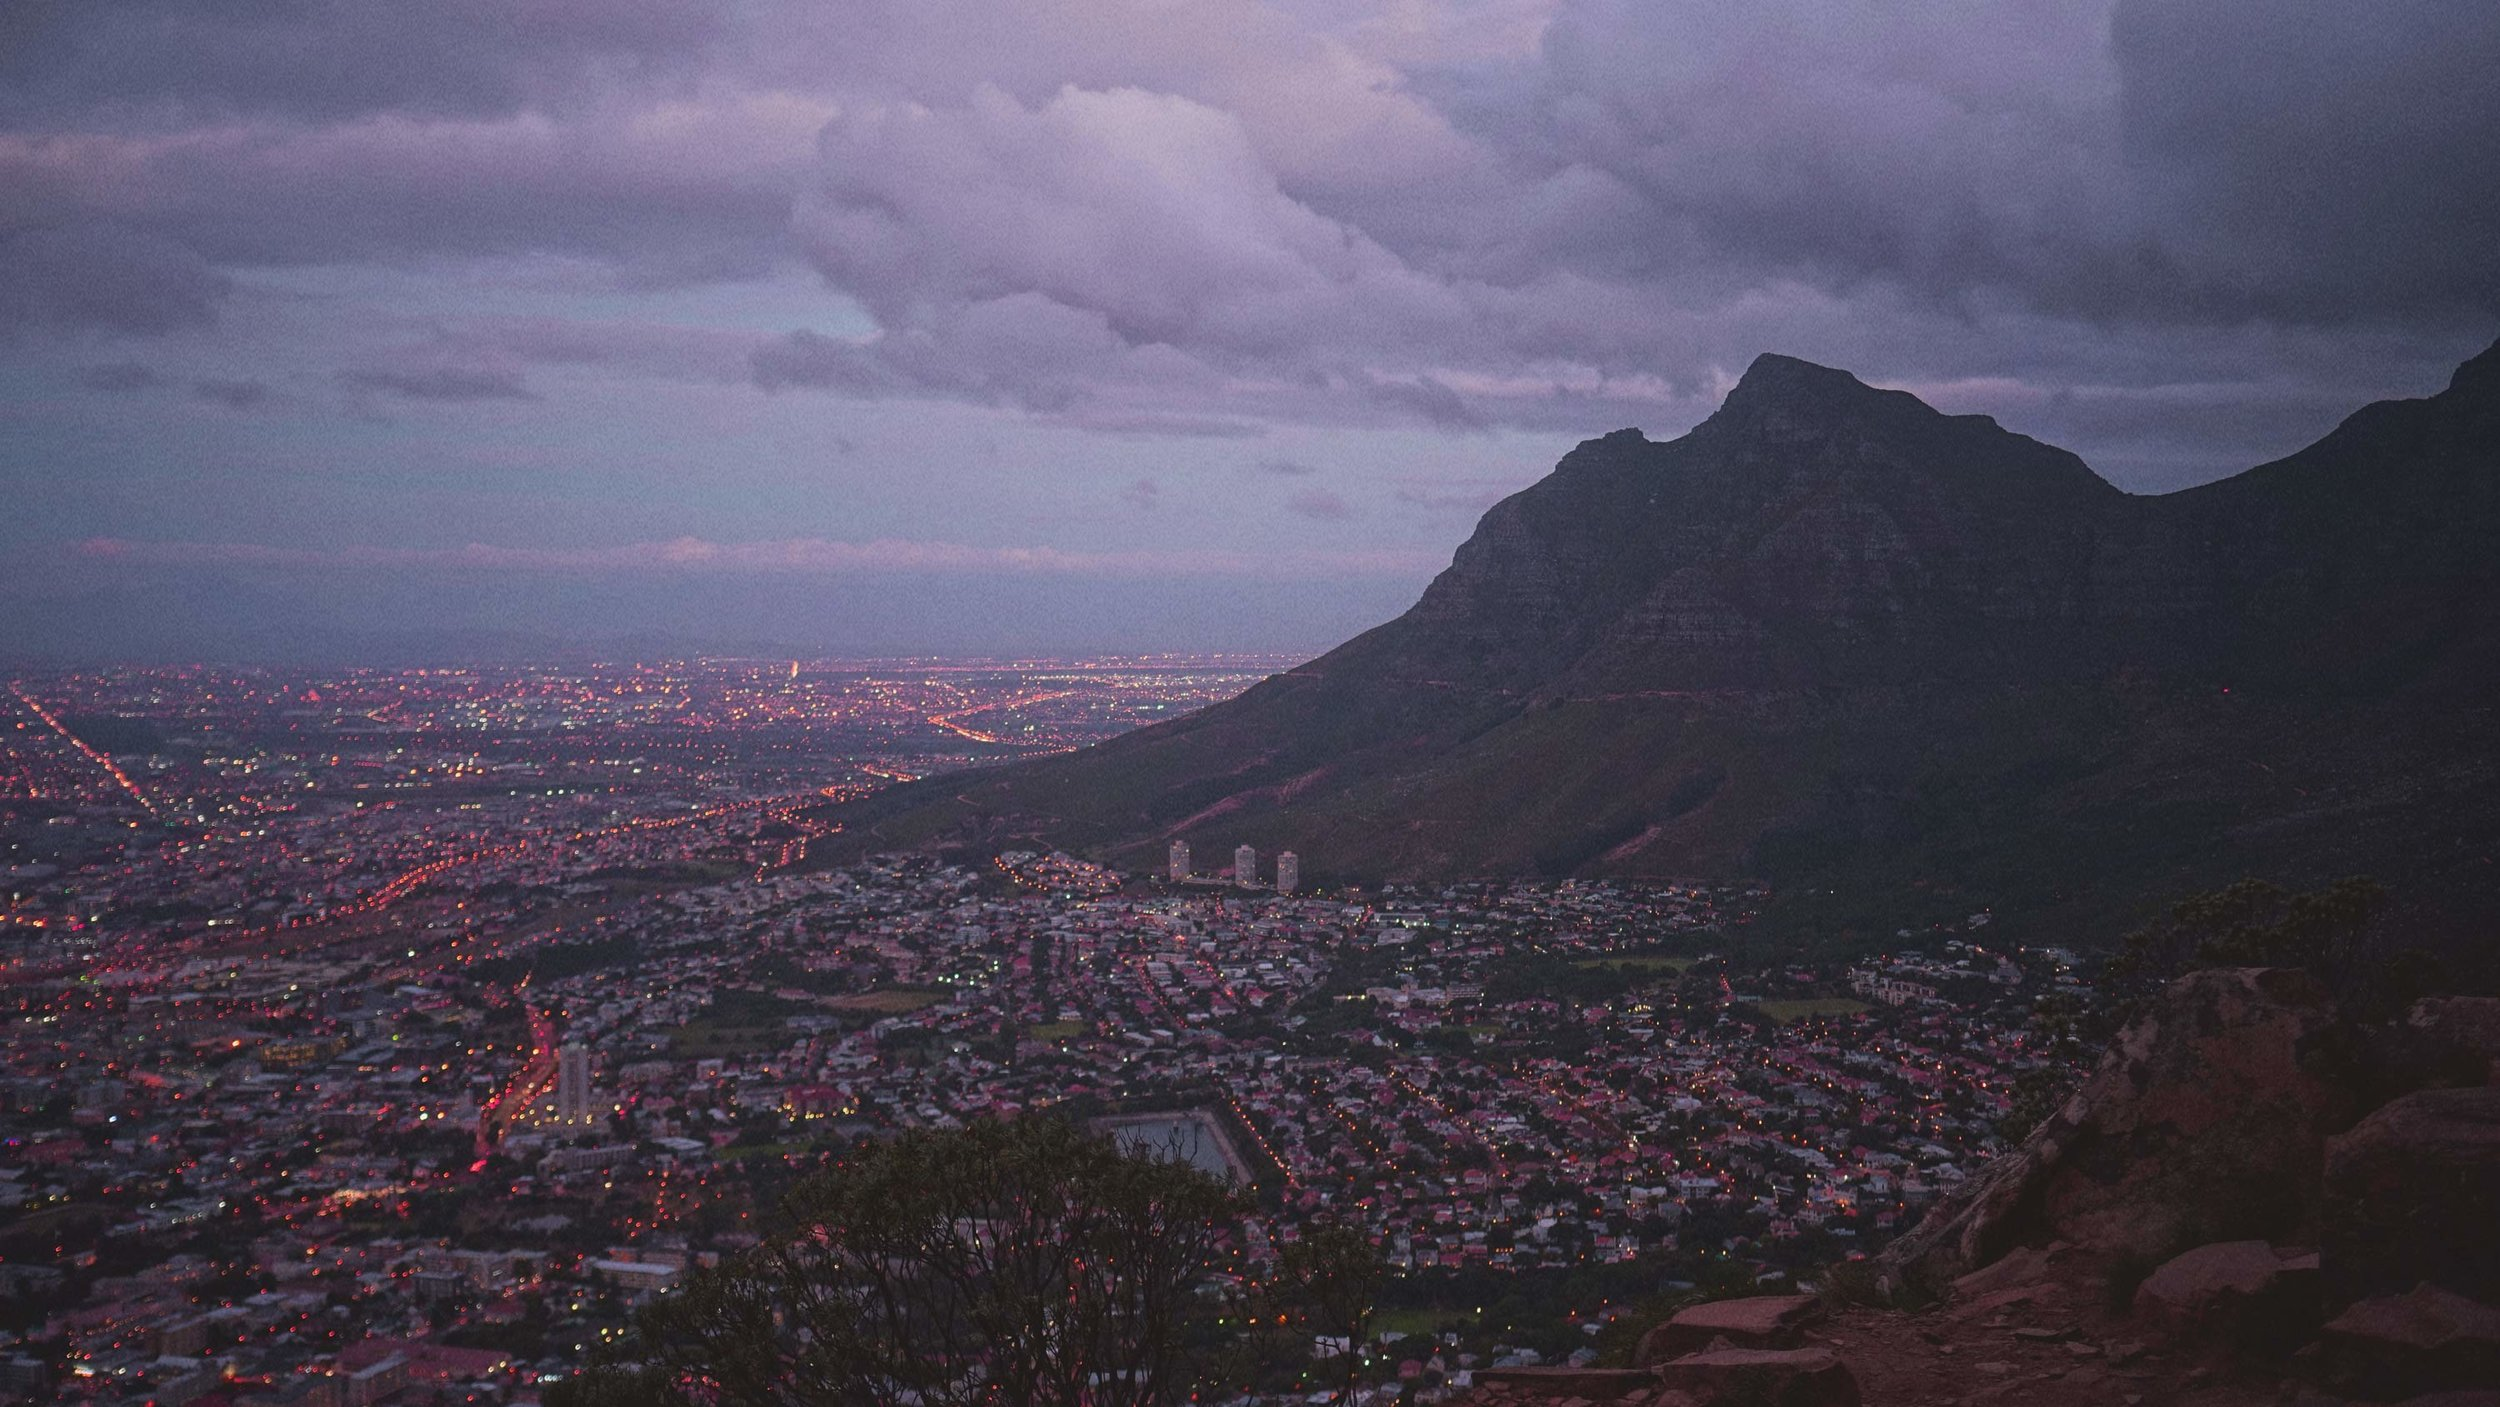 24_Giepert_South_Africa.jpg